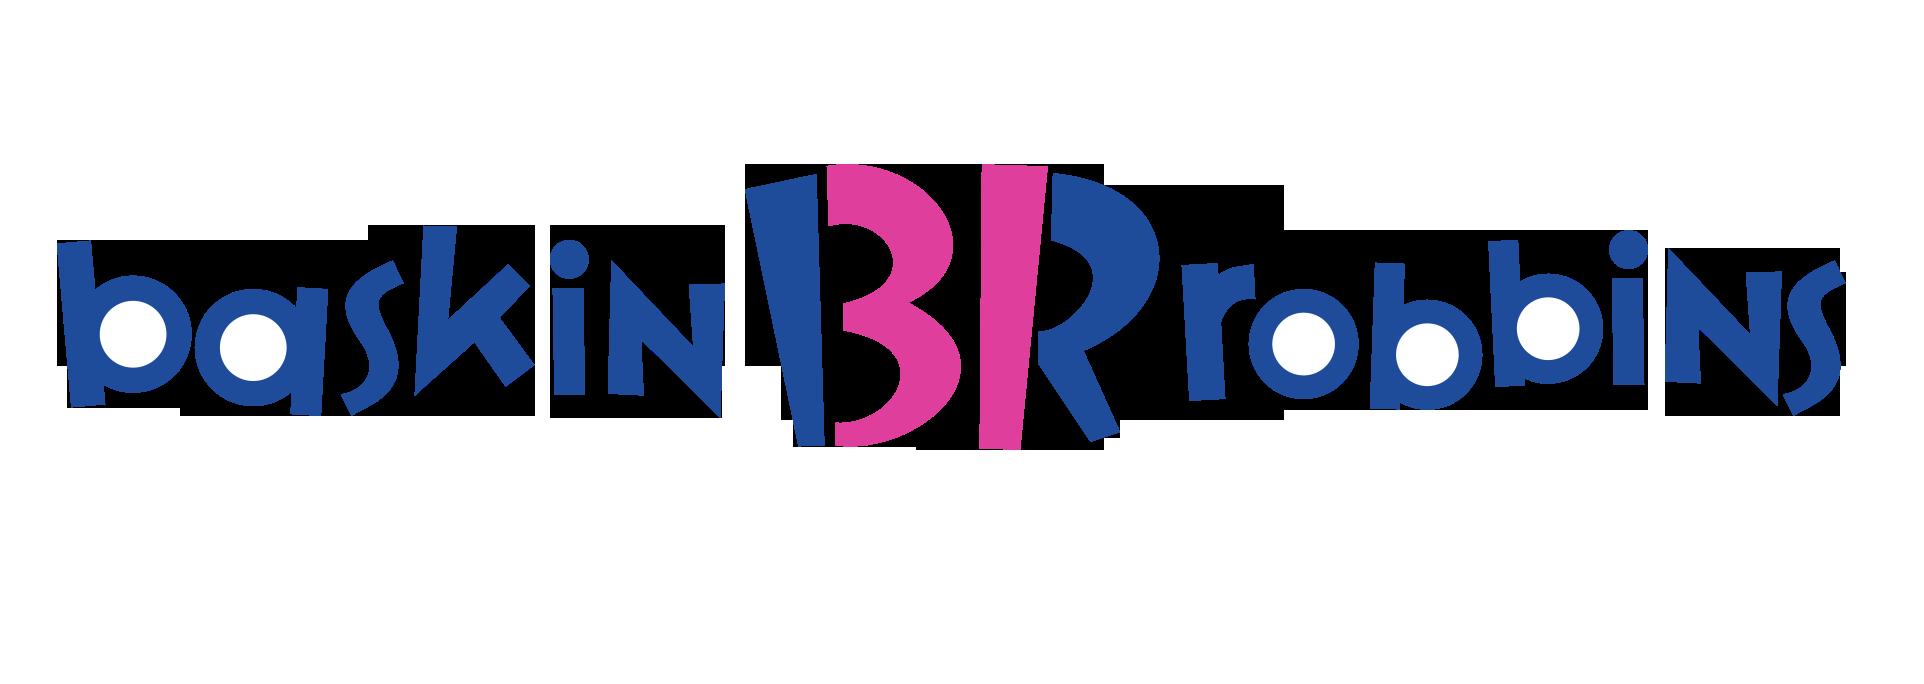 Baskin-Robbins-logo-Horizontal-download